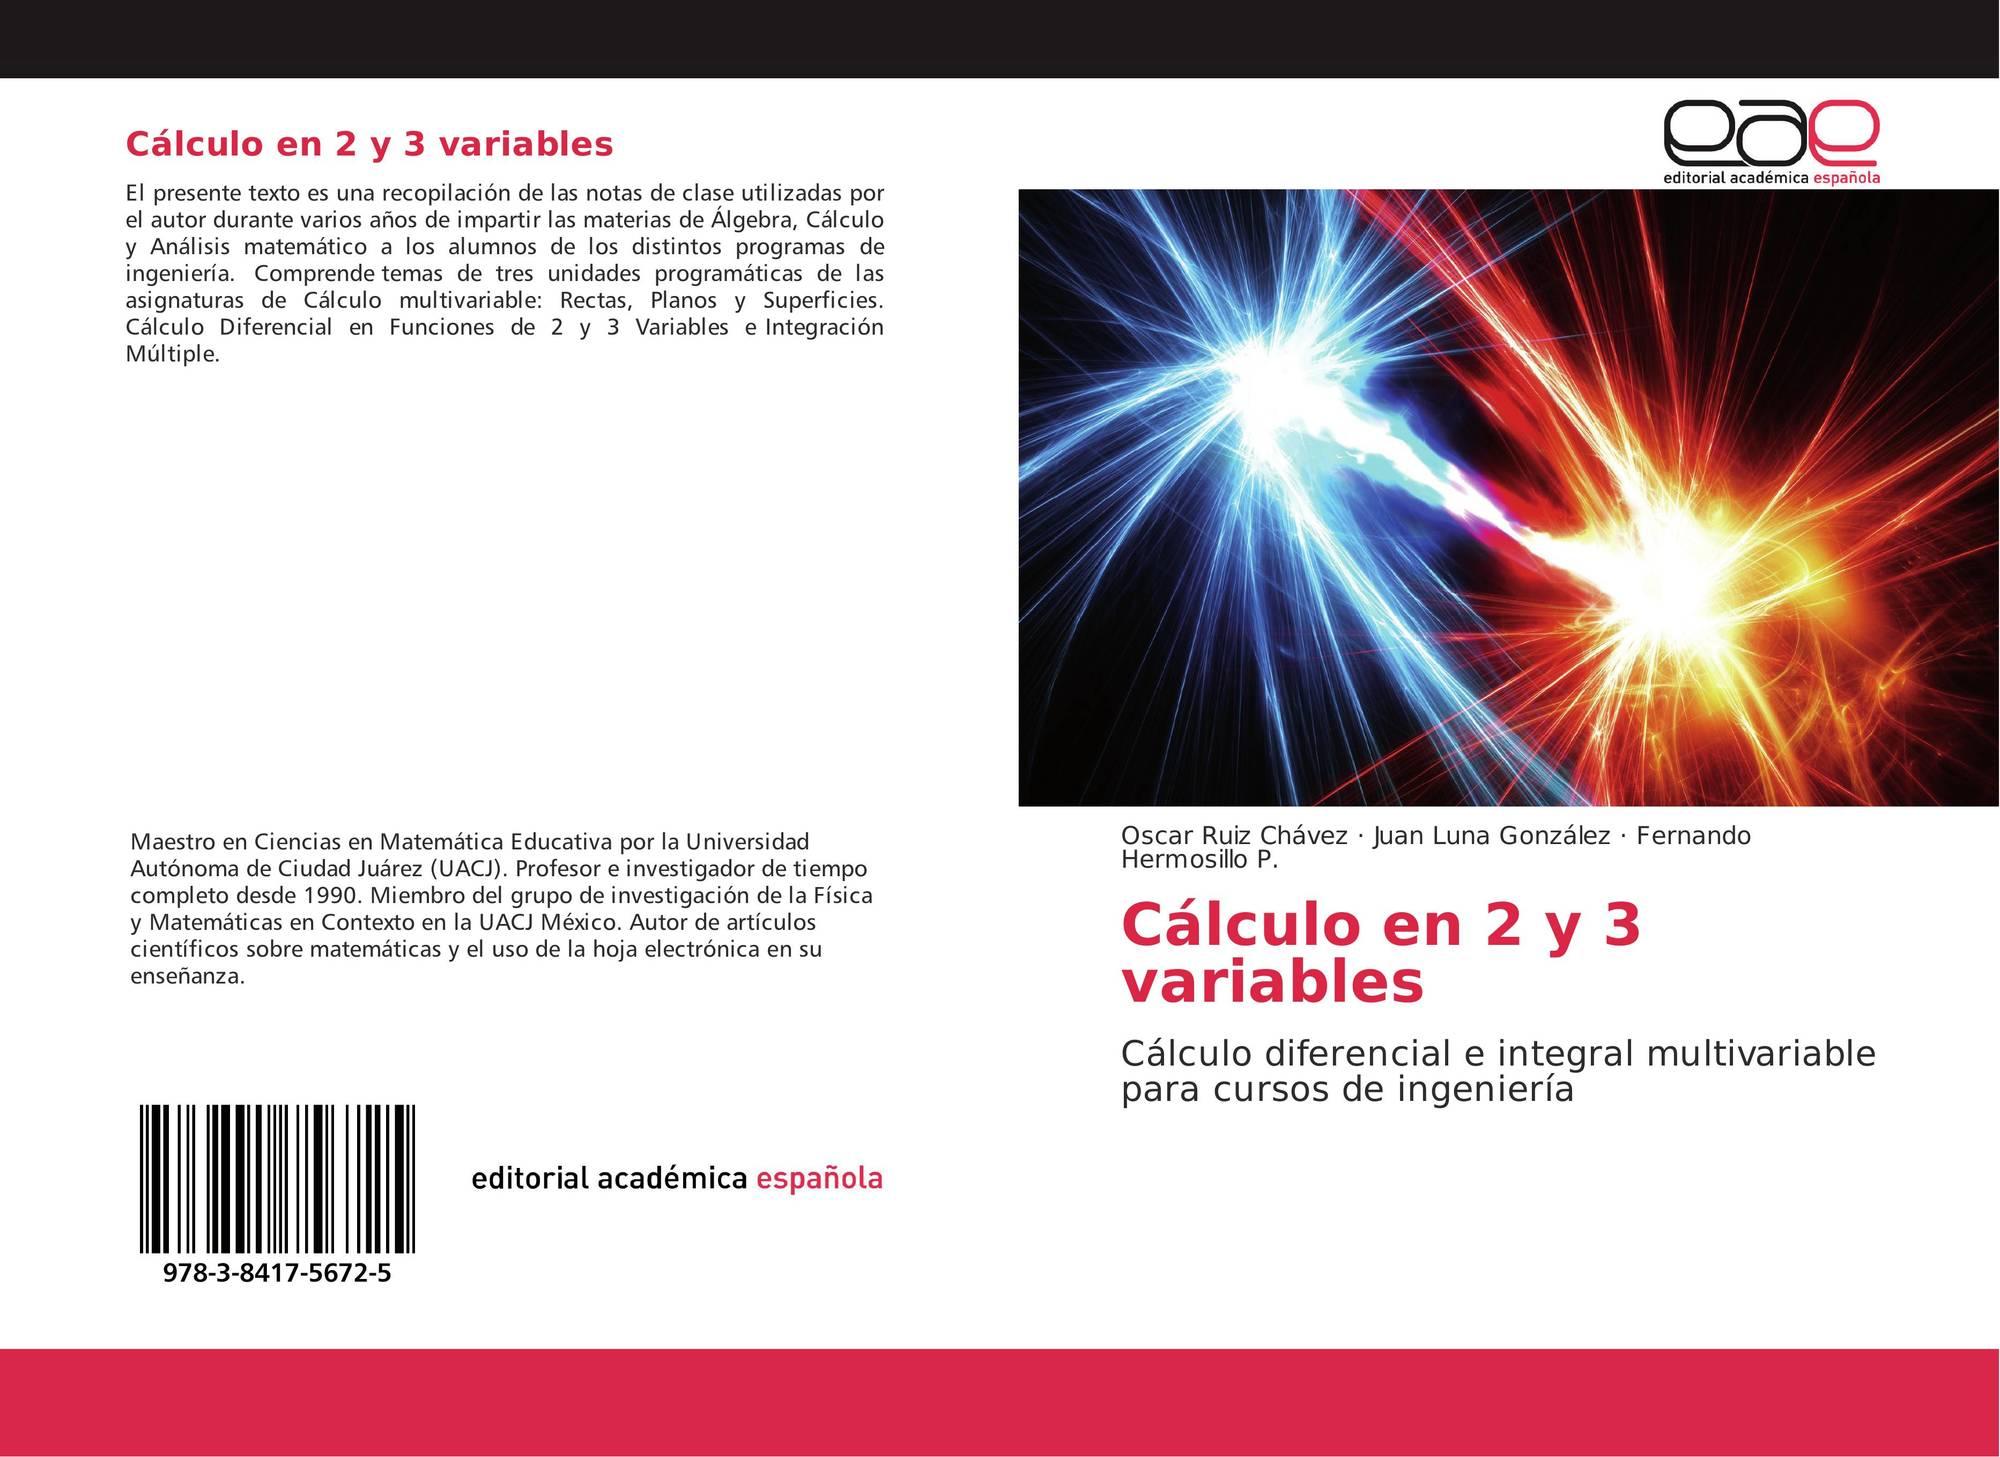 Cálculo en 2 y 3 variables, 978-3-8417-5672-5, 3841756727 ...